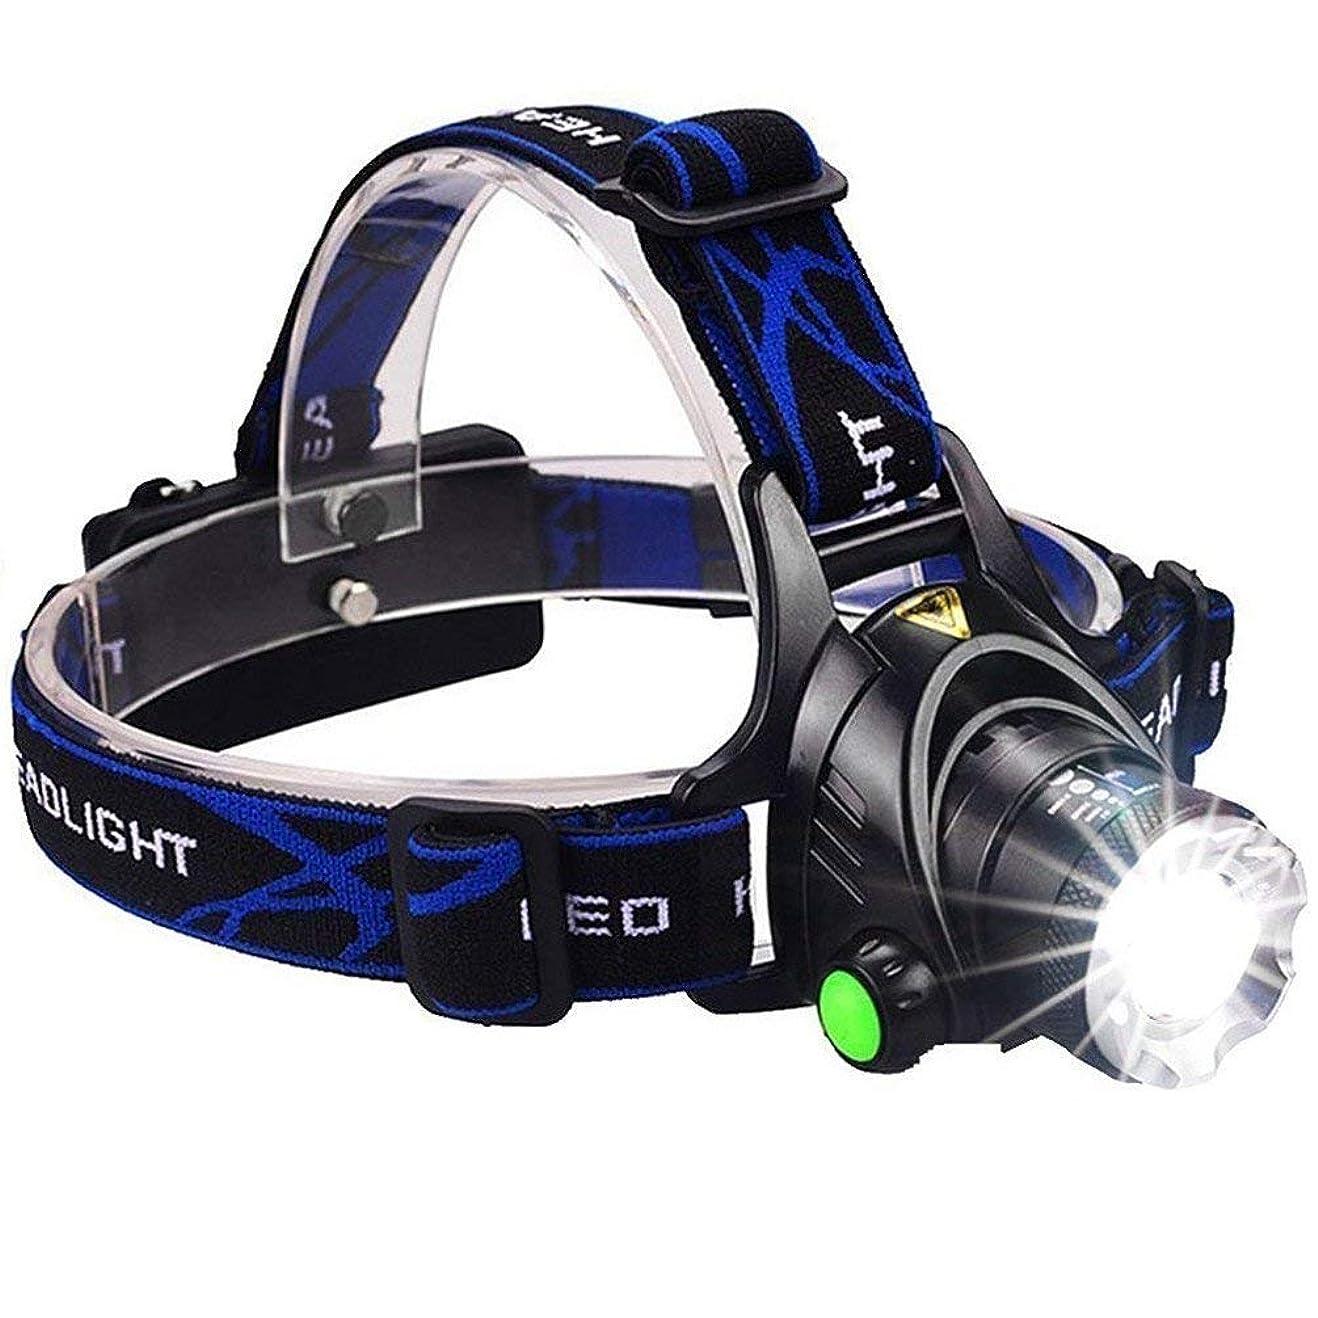 ベッドスラッシュ年Yurroad CREE XM-L2 T6 LED ヘッドライト超高輝度 3000ルーメン 3つのモードズーム可能 ランプ 再充電可能な プロの釣り灯 夜の光 (ヘッドライト)